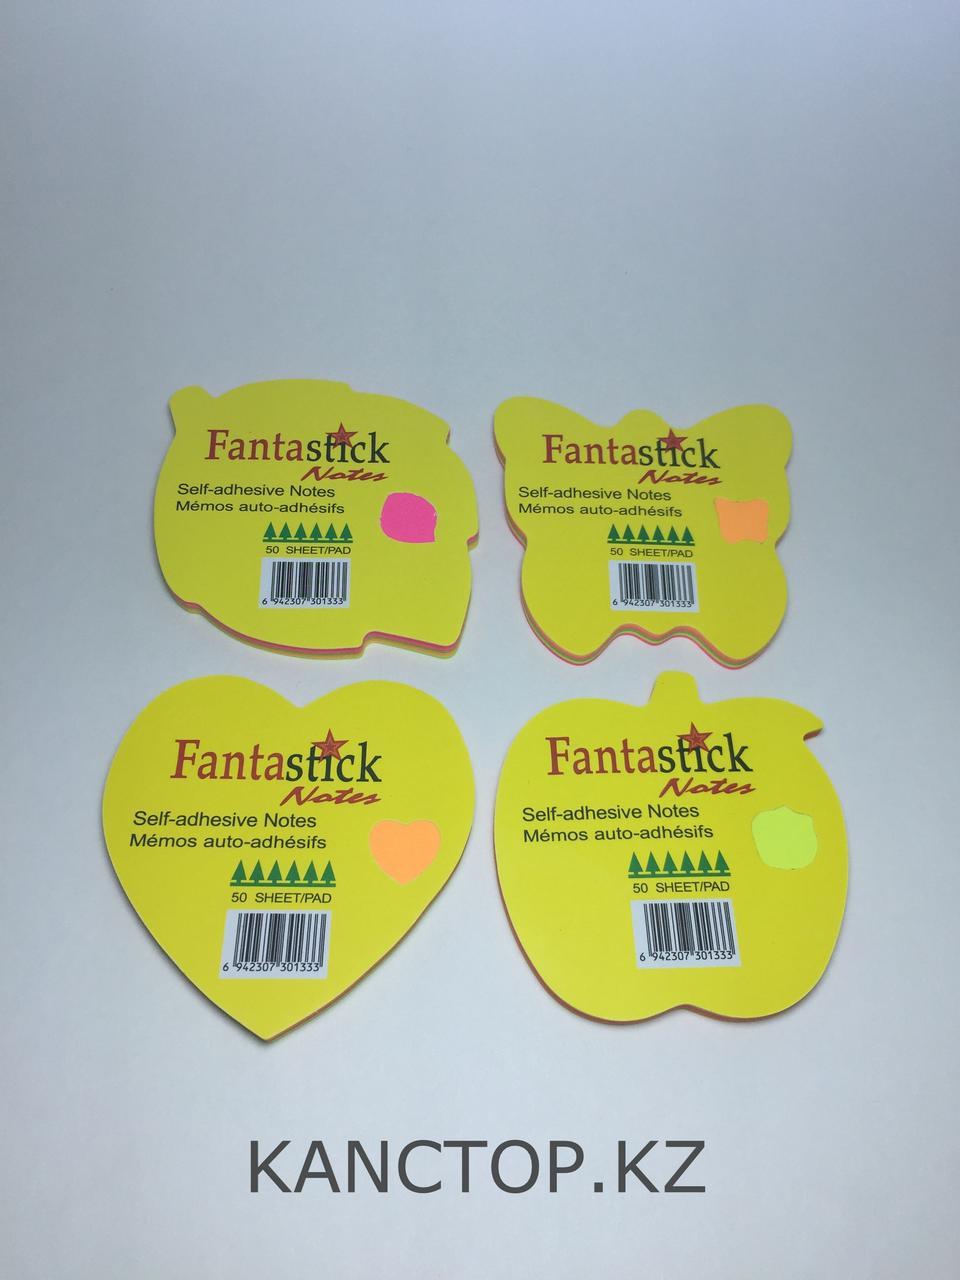 Бумага клейкая для заметок FANTASTICK фигурные, 50 листов